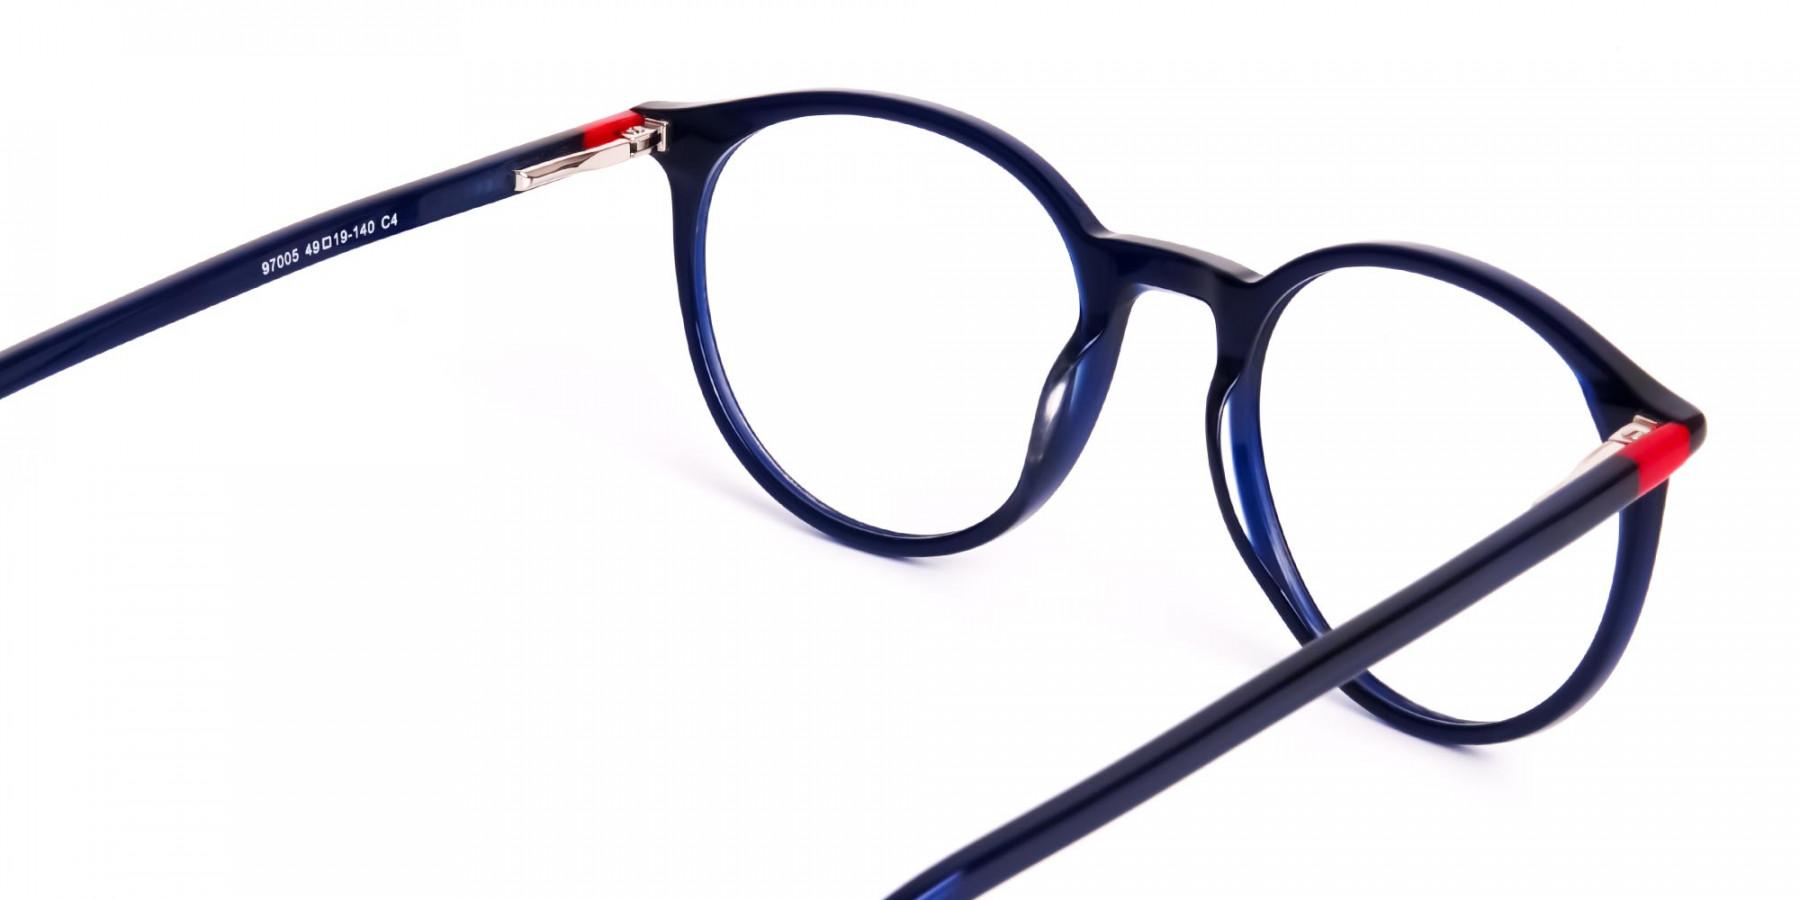 dark-blue-round-full-rim-glasses-frames-1